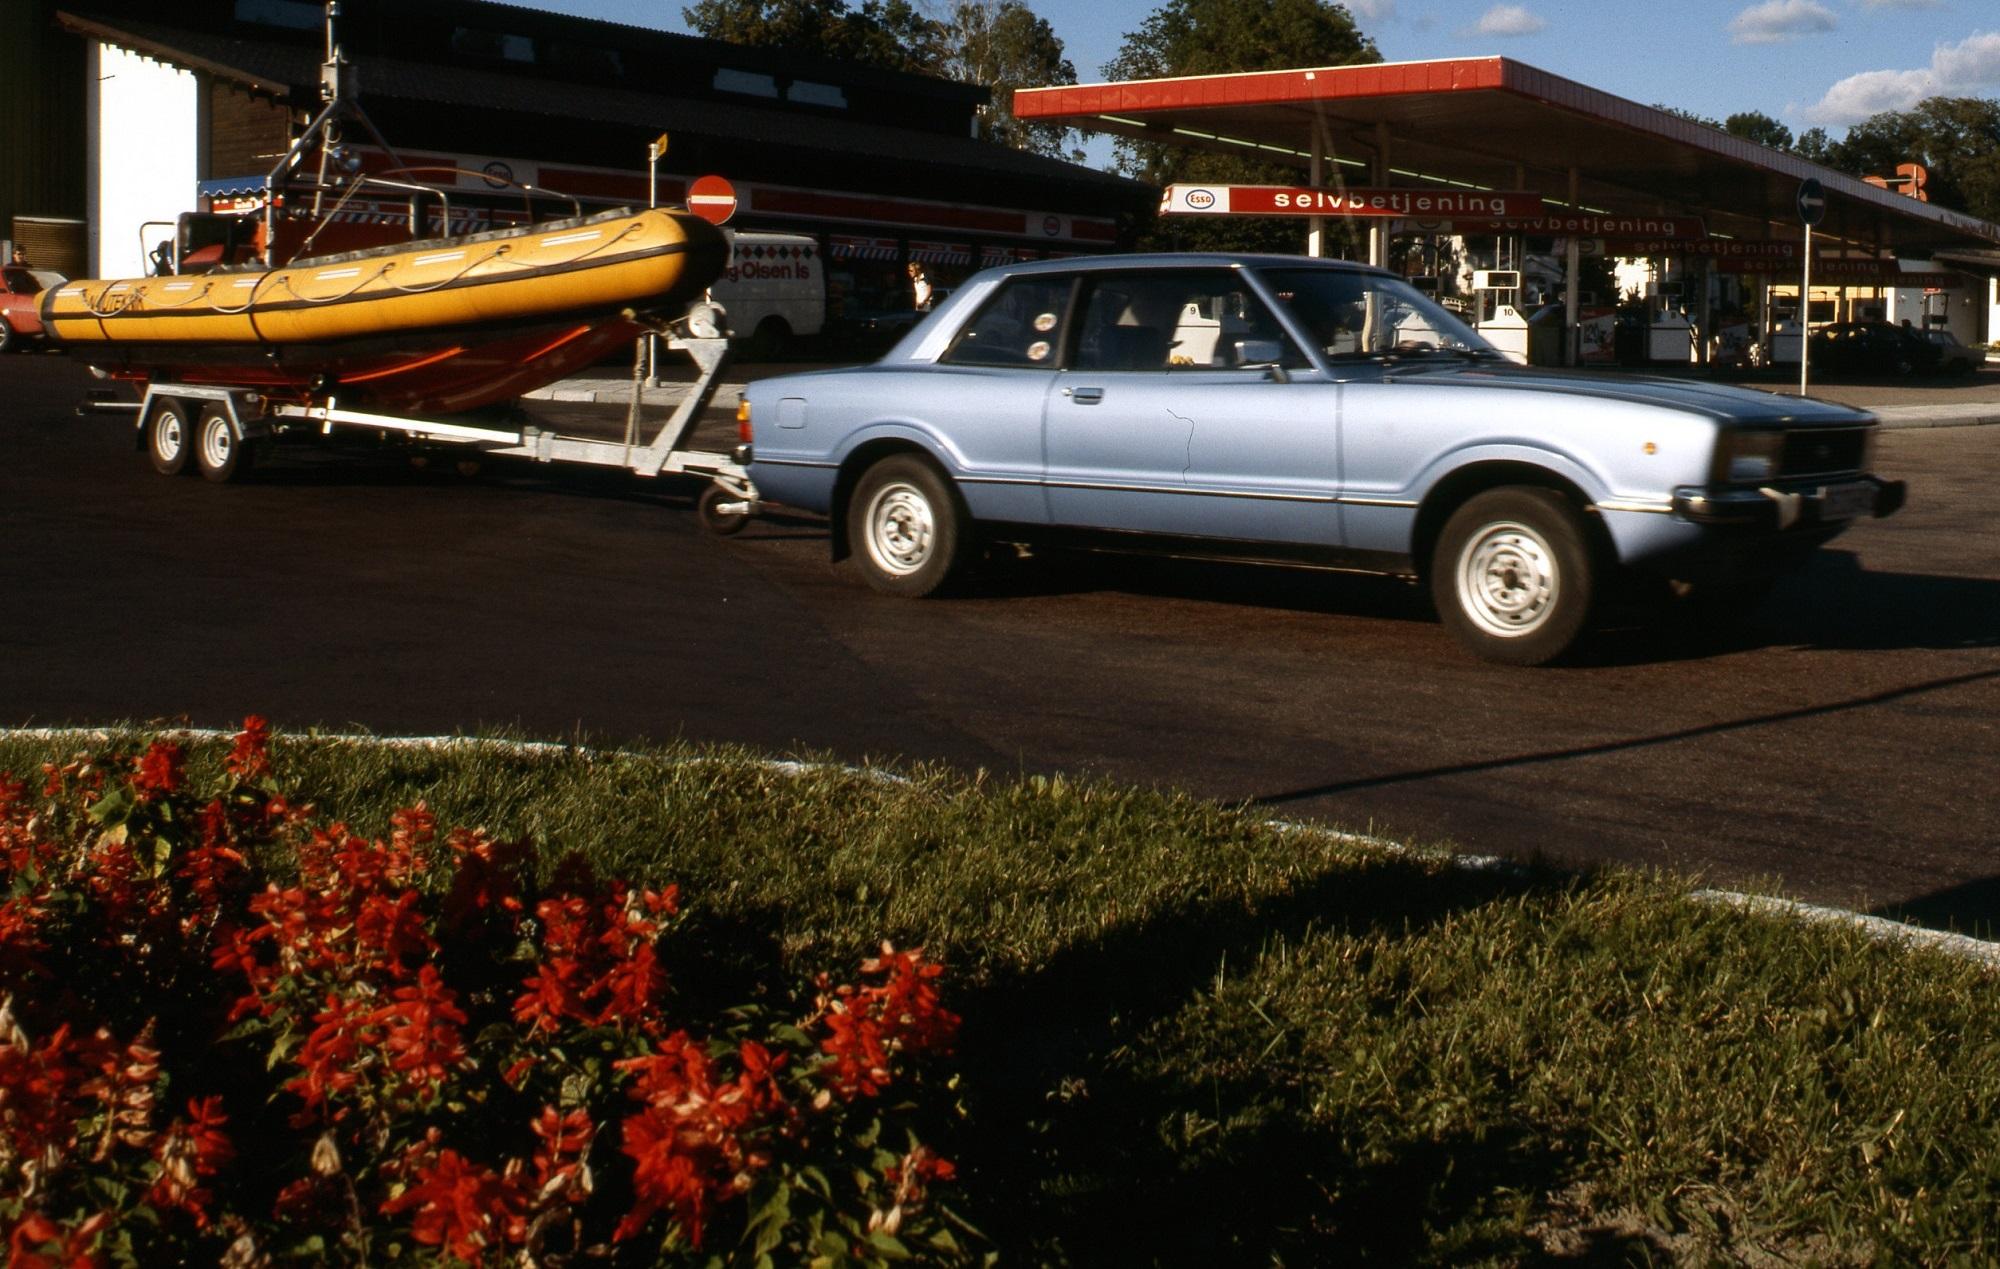 Blå bil utenfor en bensinstasjon